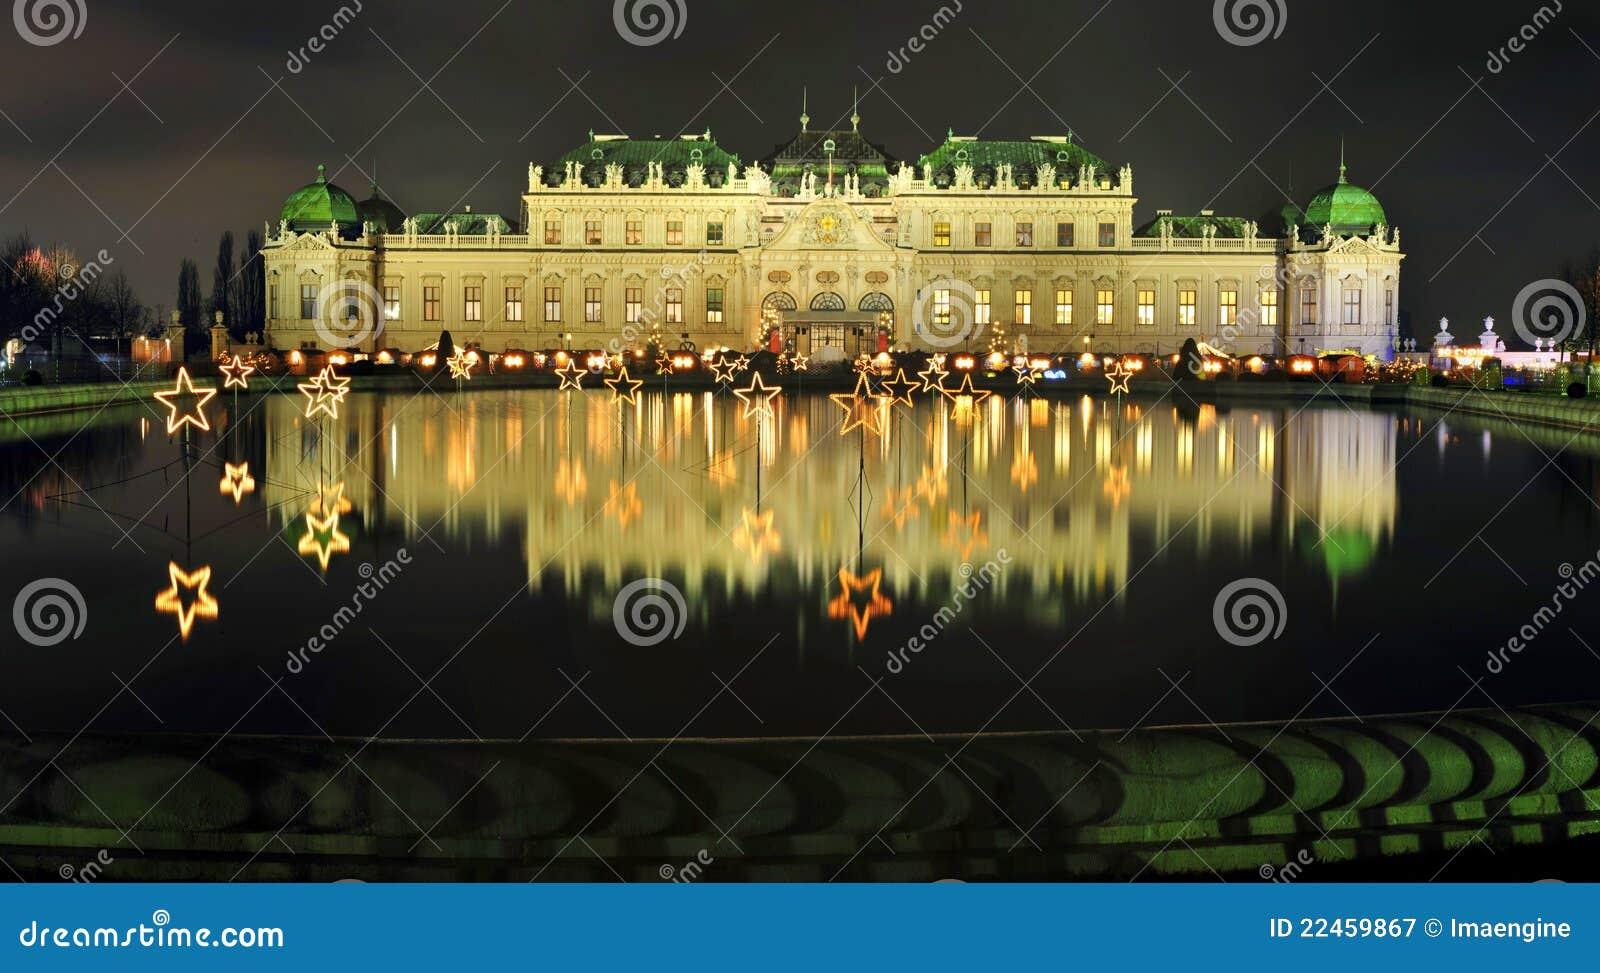 Noël viennois au palais de belvédère